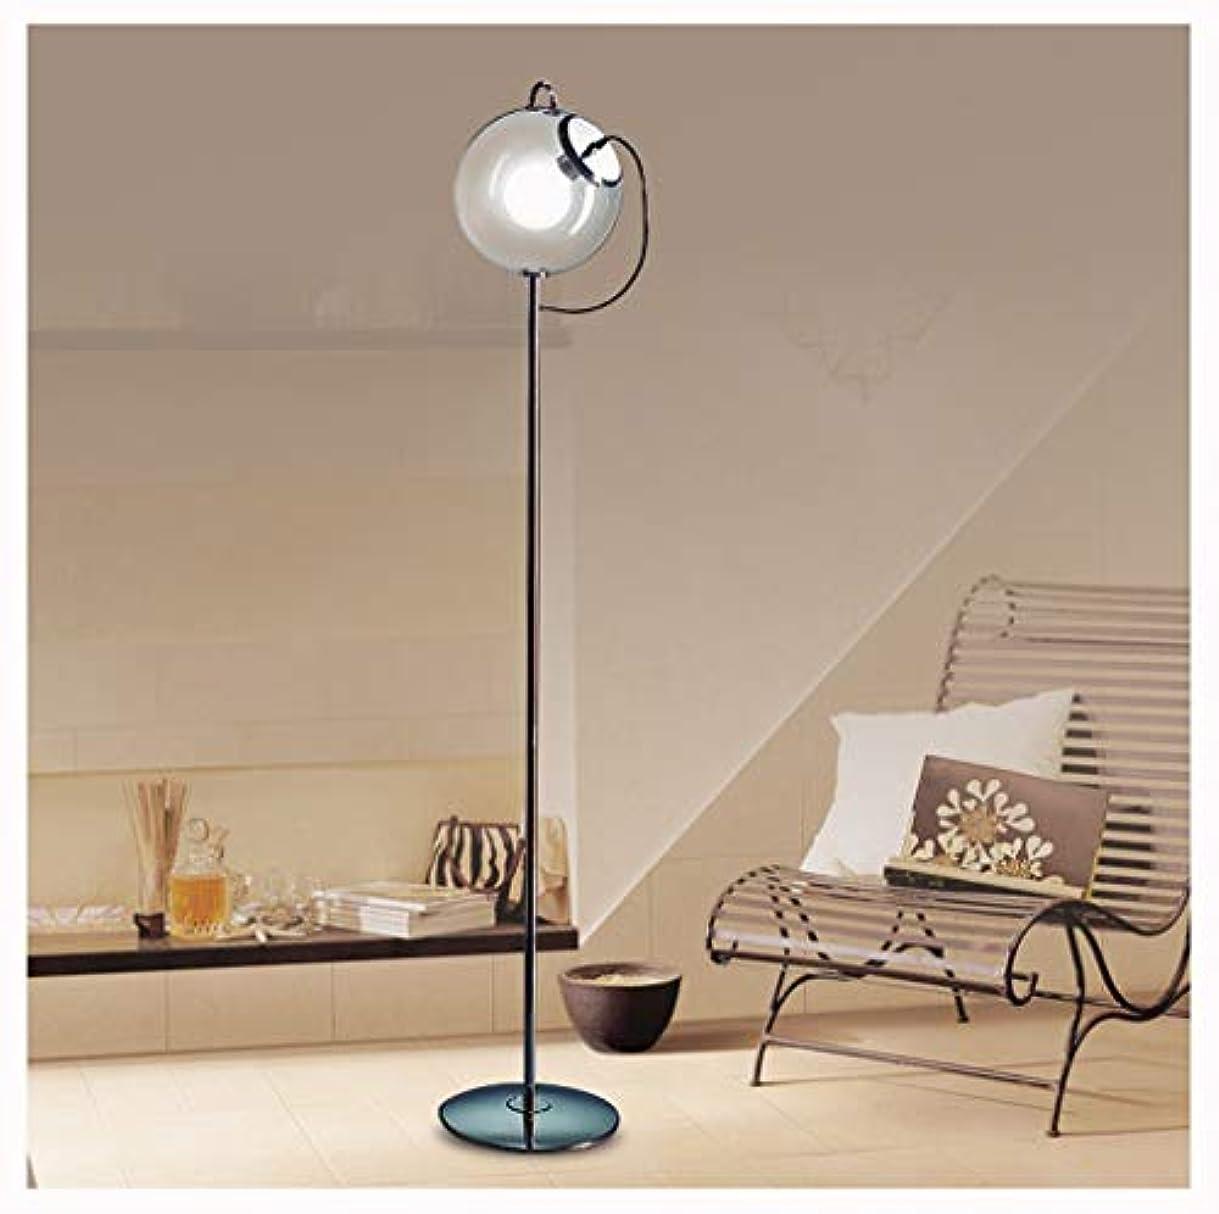 スクラブ感情印をつけるDerFel フロアランプシンプルなファッションシャボン玉アートクリエイティブ照明人格ガラスランプ フロアスタンド?ランプ